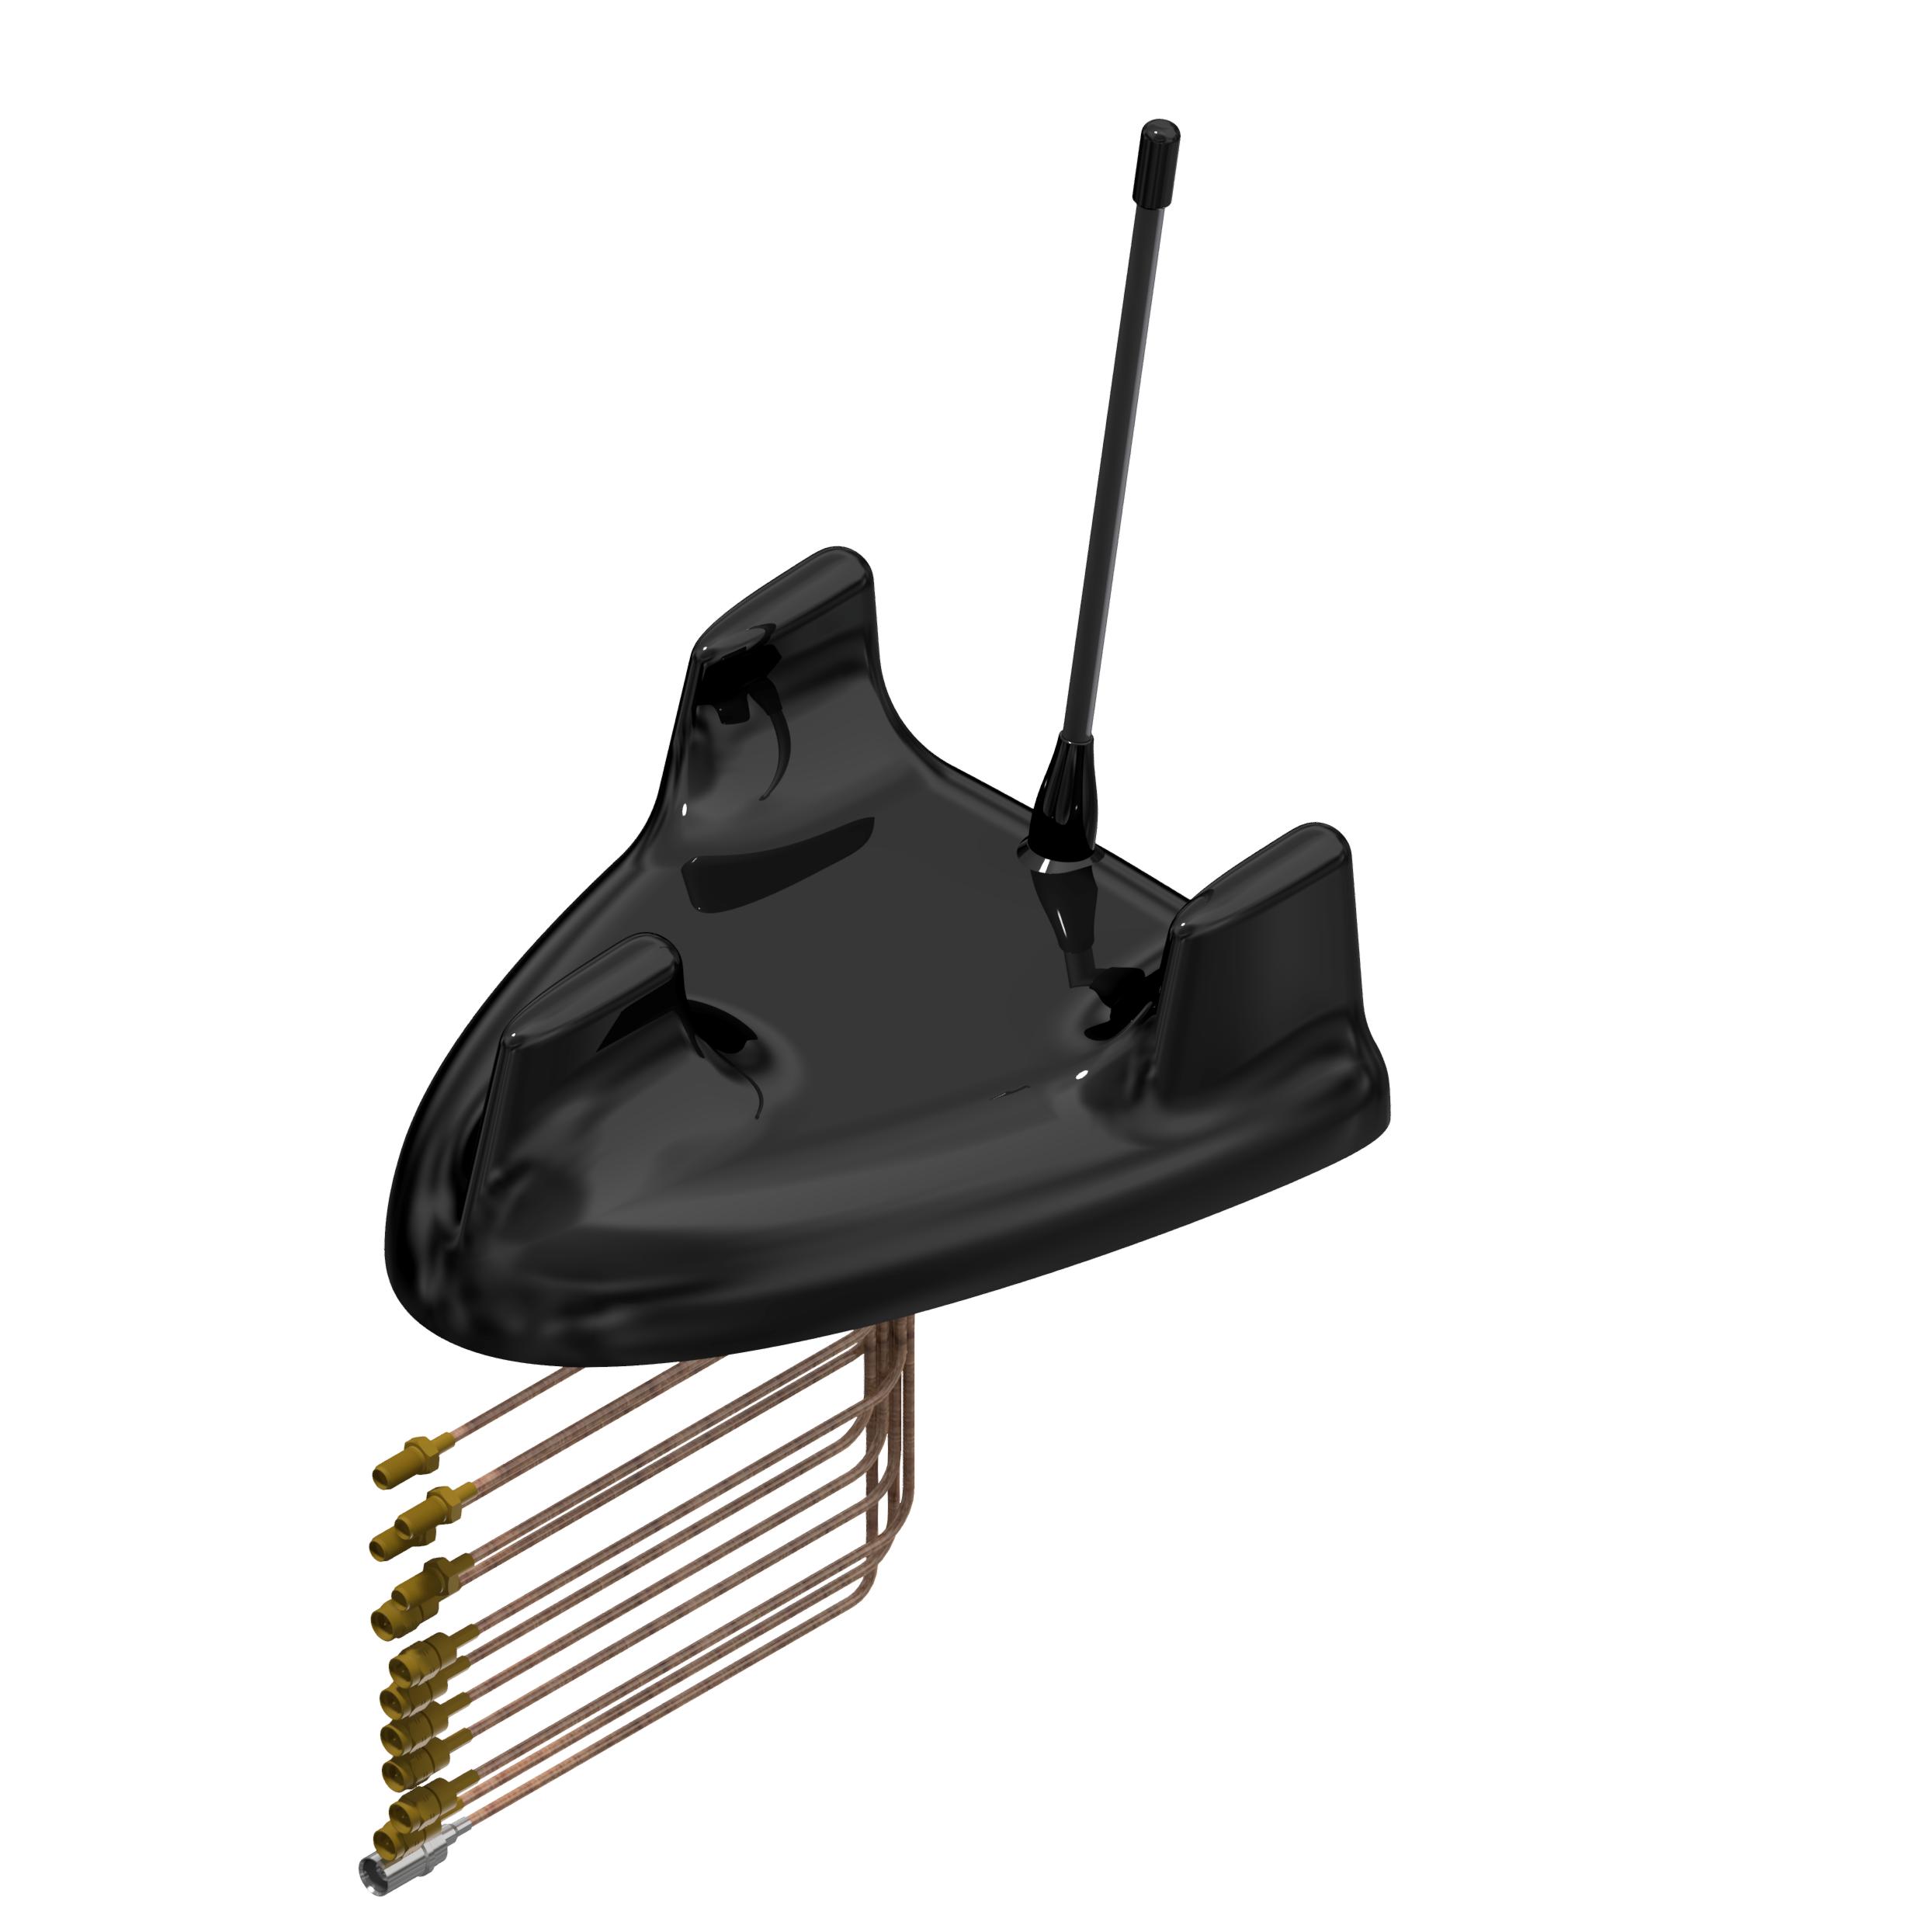 Overt Tetra Antennas